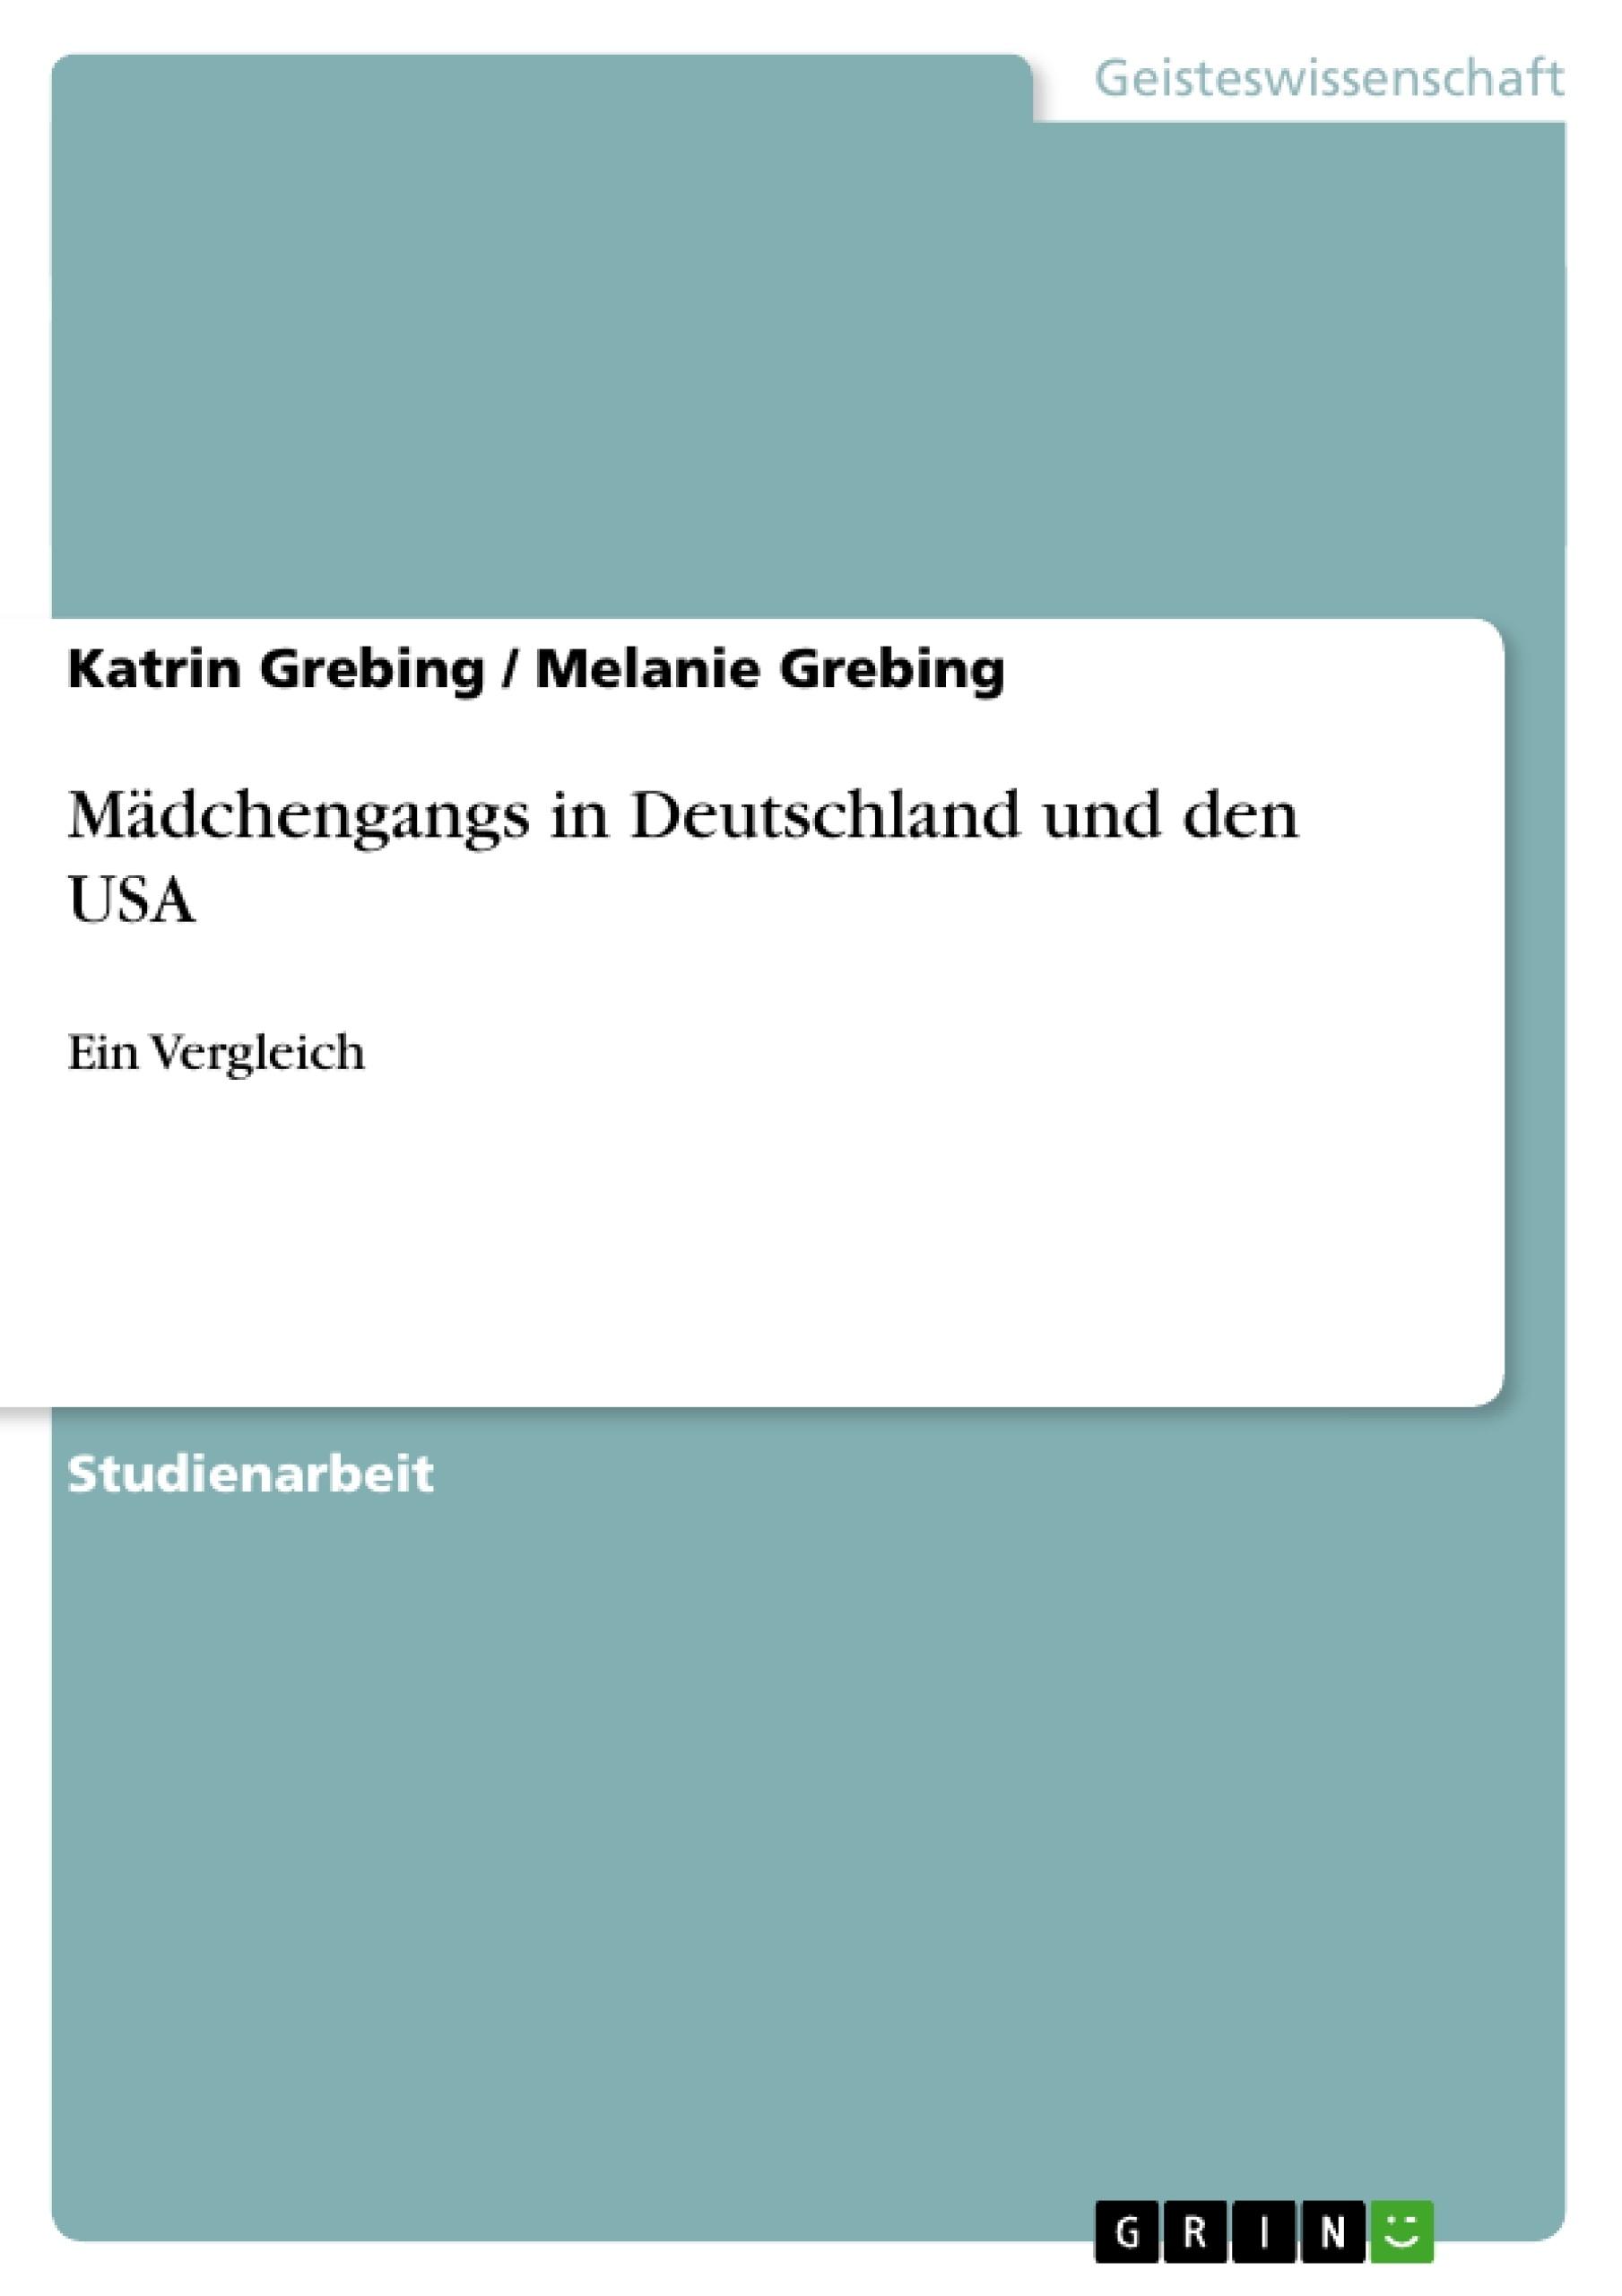 Titel: Mädchengangs in Deutschland und den USA